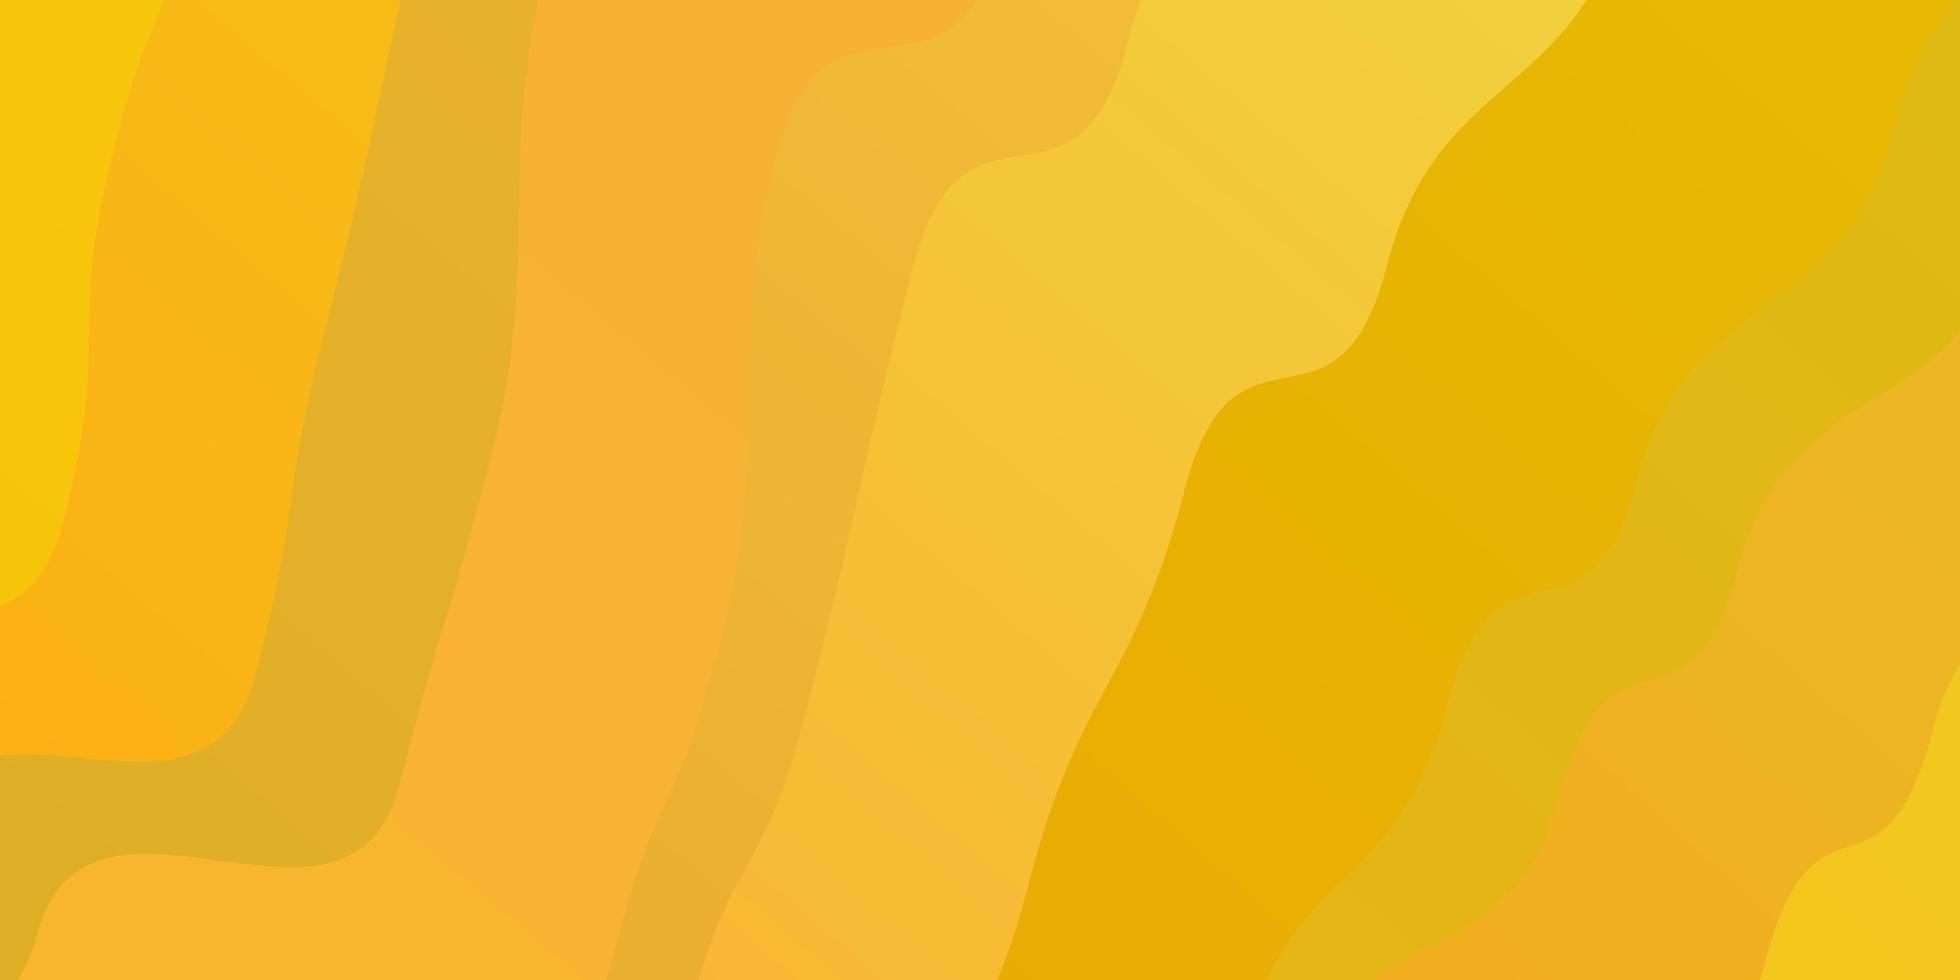 trama giallo scuro con curve sfumate. vettore